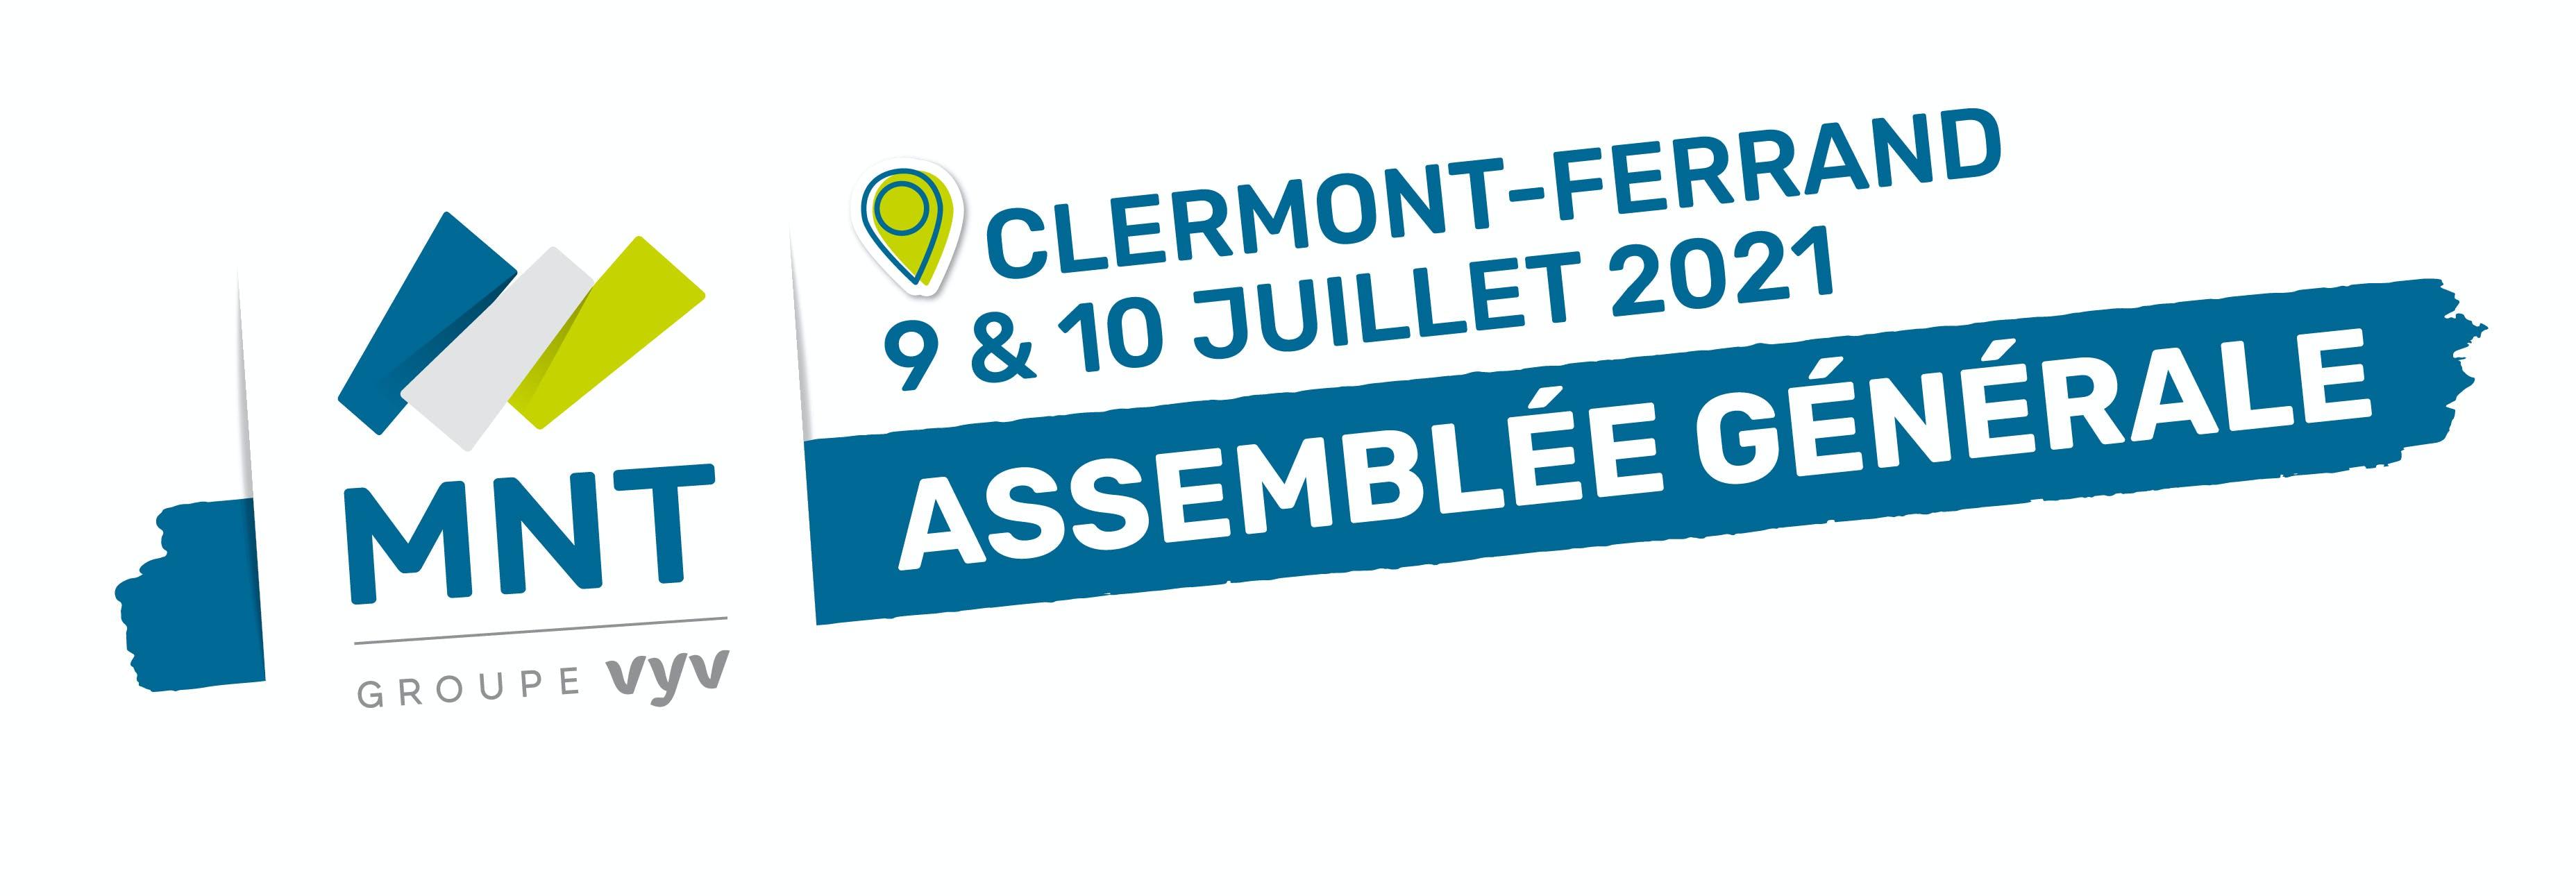 Logo AG MNT 2021 à Clermont-Ferrand